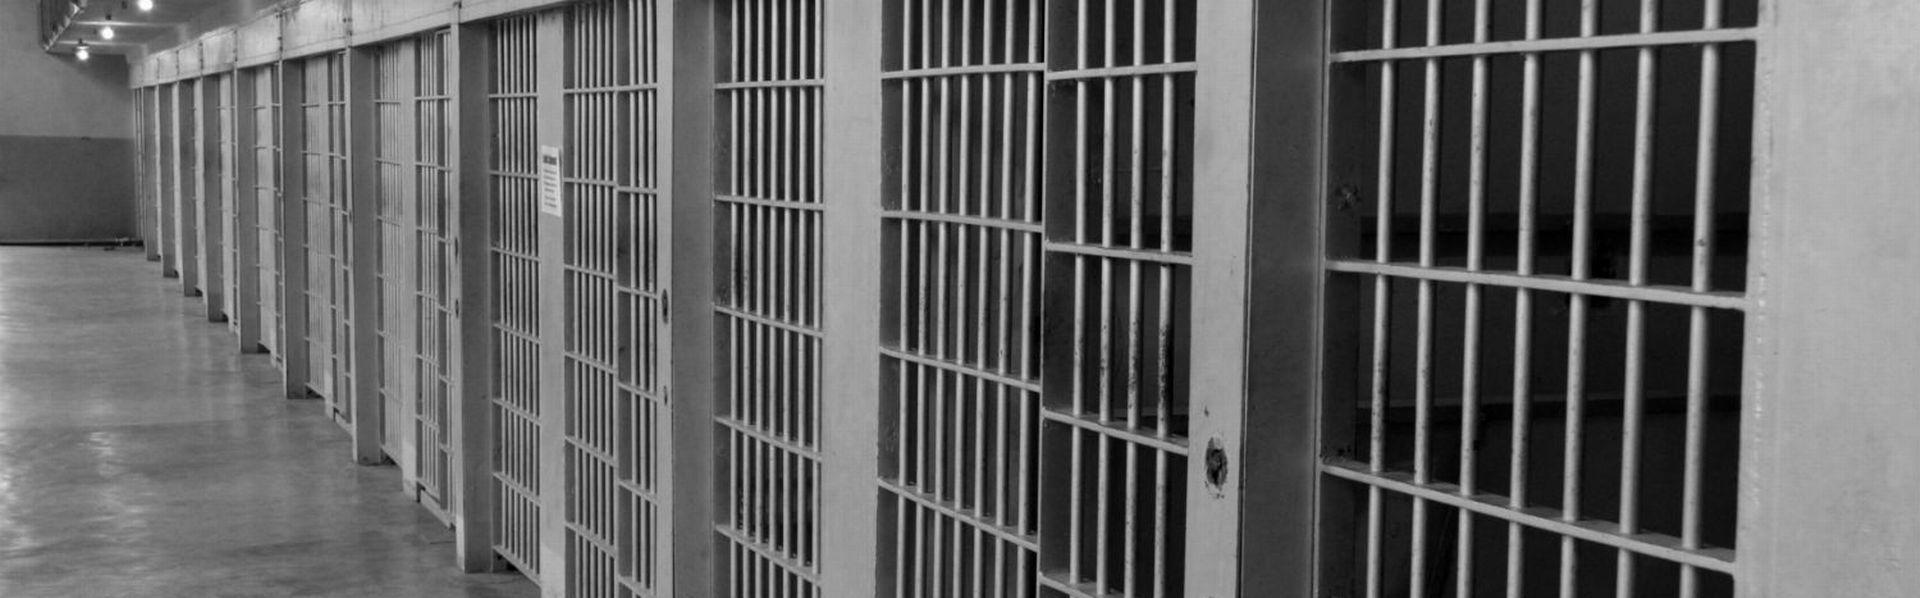 Le dossier sur la peine de mort de RTS Découverte. [© Shuttershudder - Fotolia]